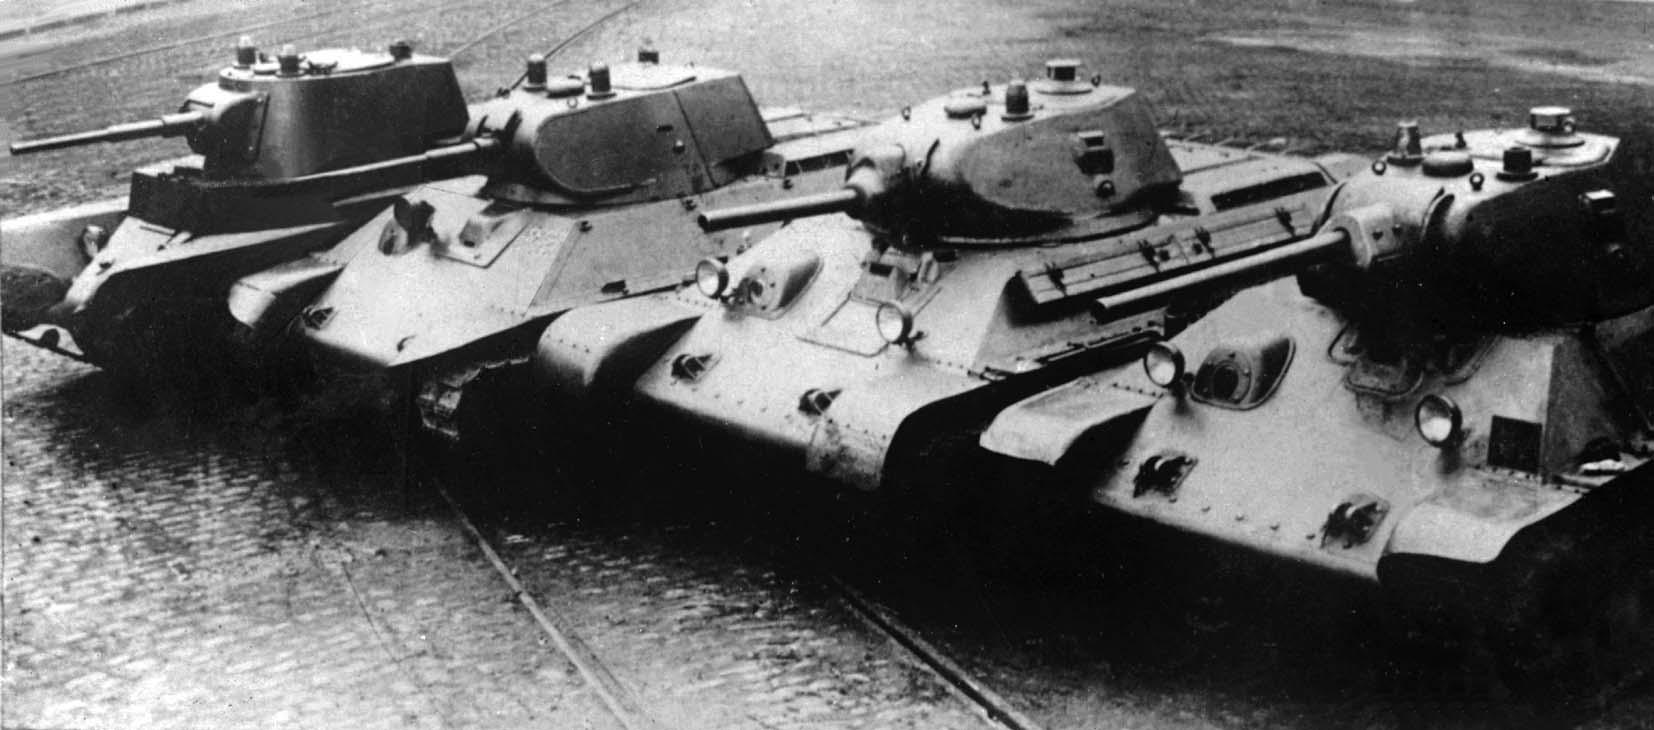 T-34_prototypes.jpg